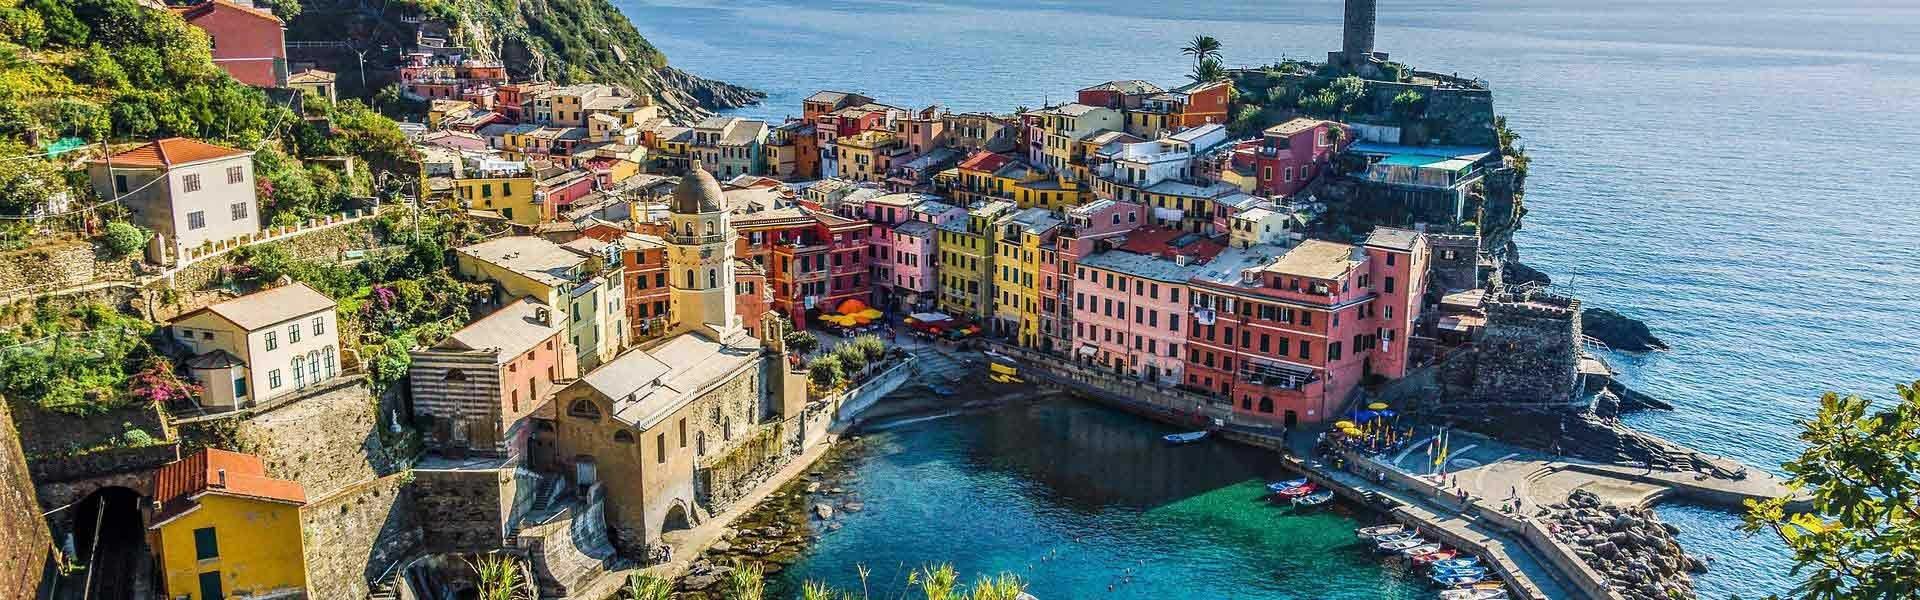 Bezoek het kleurrijke Cinque Terre tijdens een camperreis door Italië met Victoria CamperHolidays